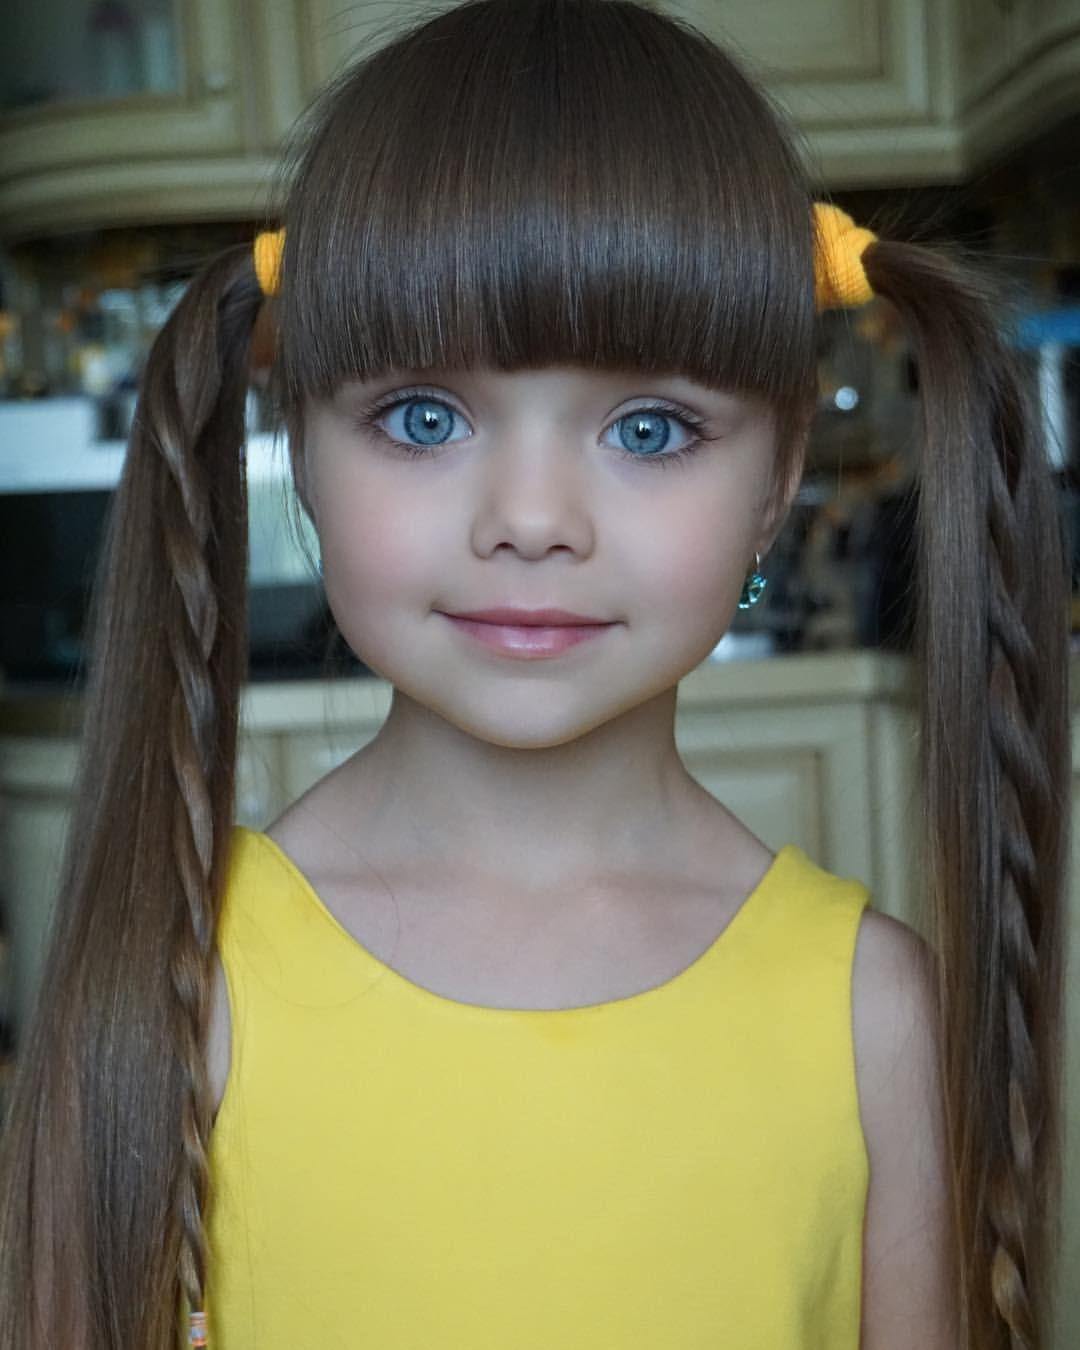 Te invito a conocer los pequeños mas bellos del mundo